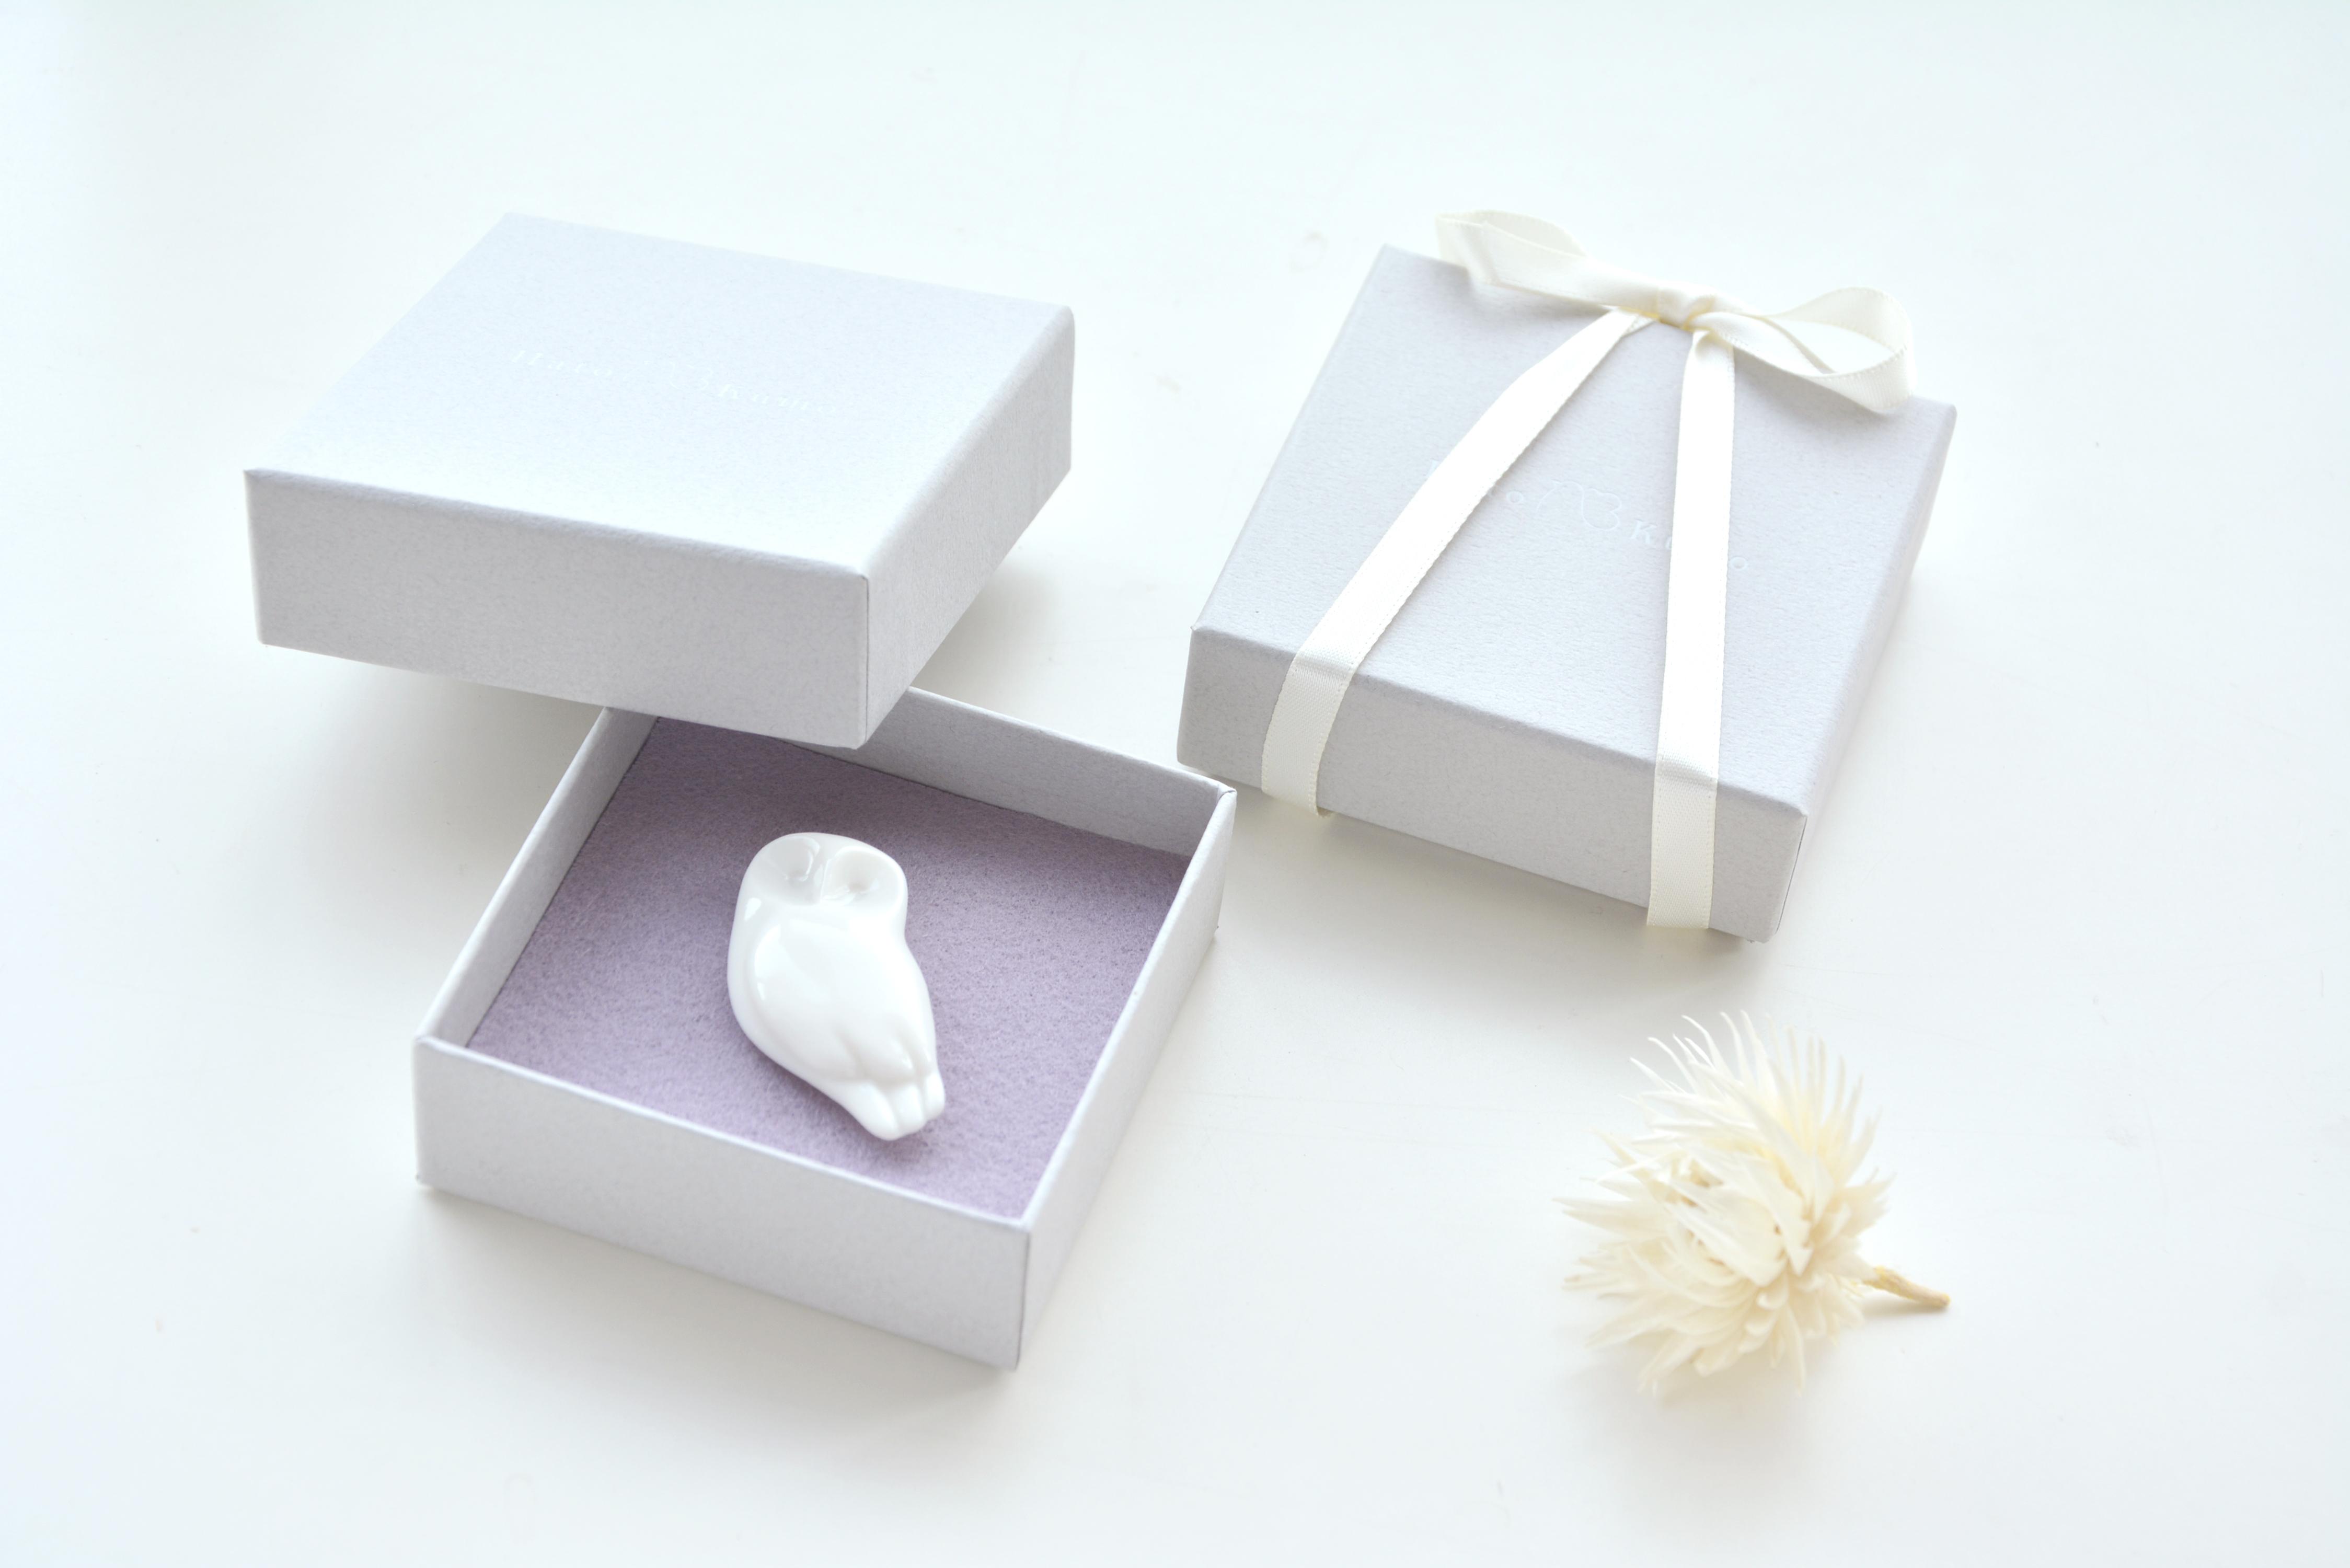 「白磁のアクセサリーを贈り物に」HatoKumoのギフトについて